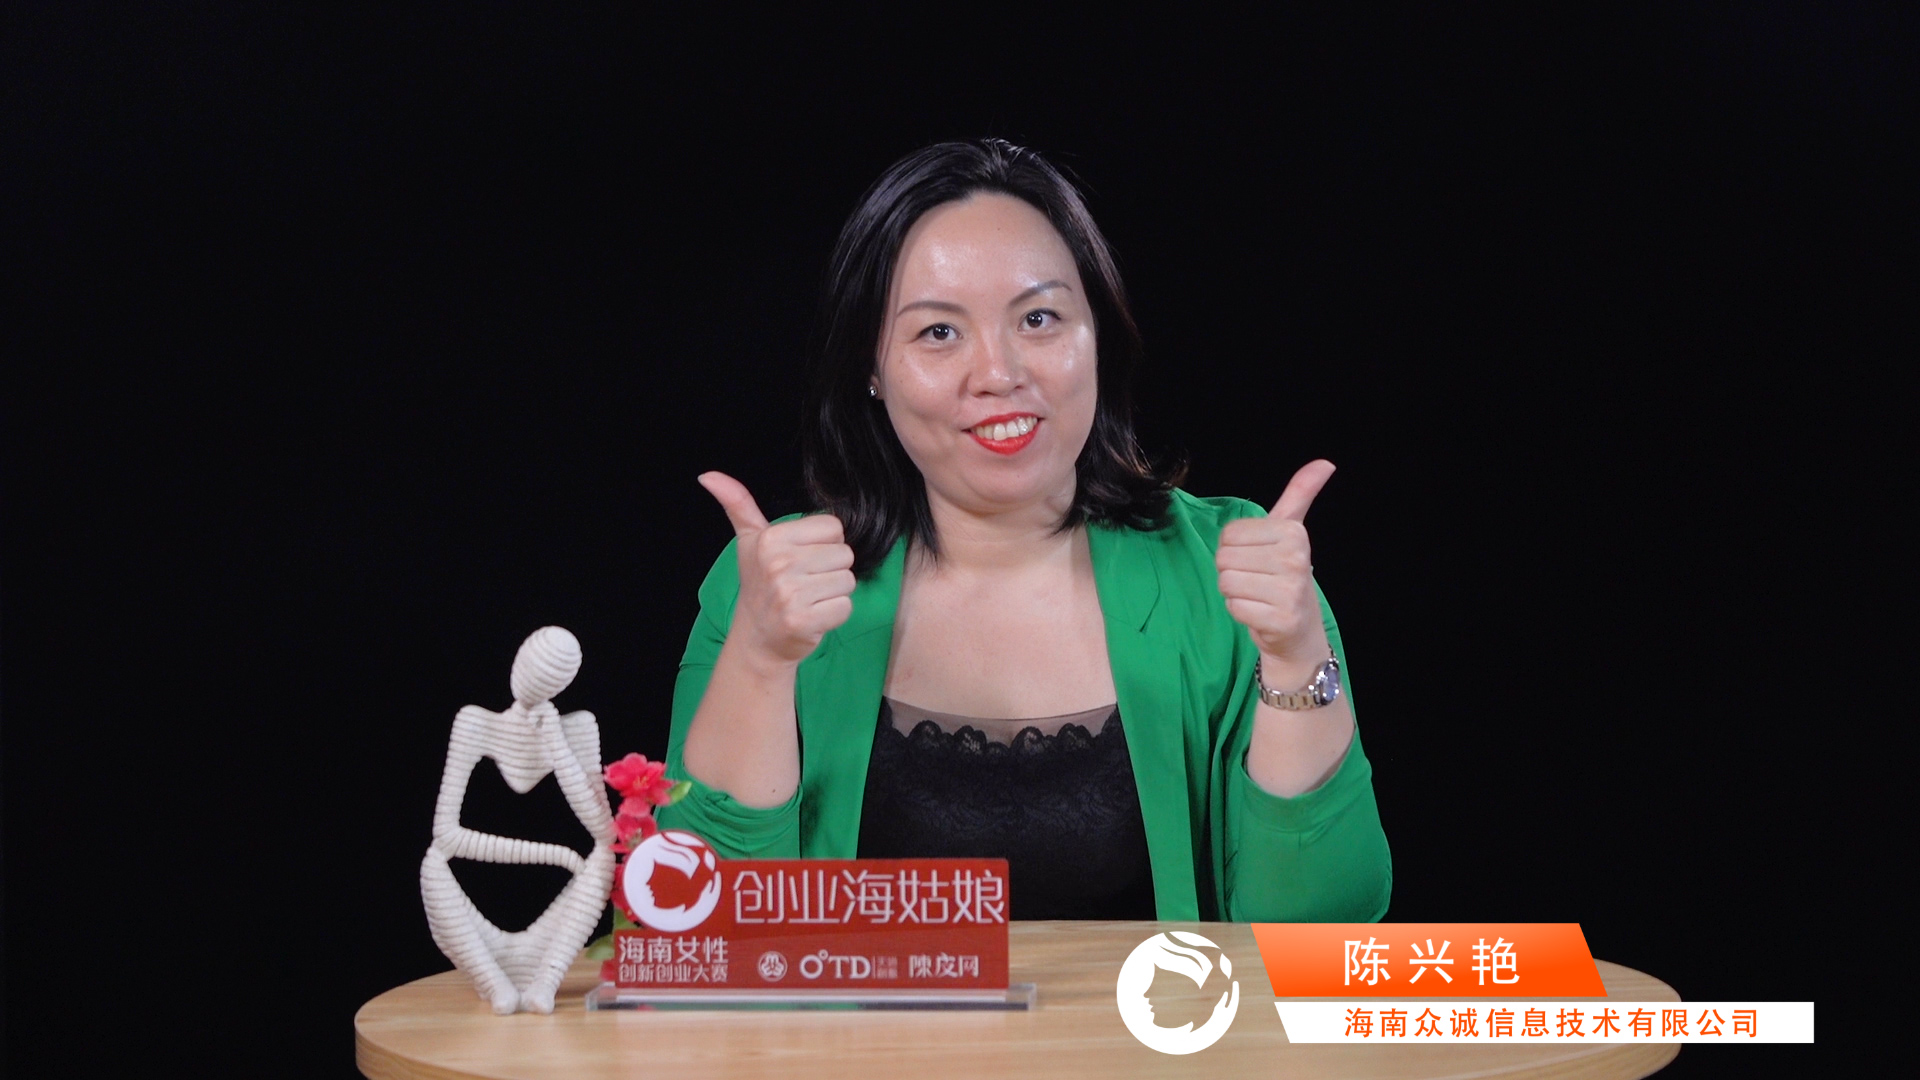 创业海姑娘 海南众诚陈兴艳,用信息技术创造价值